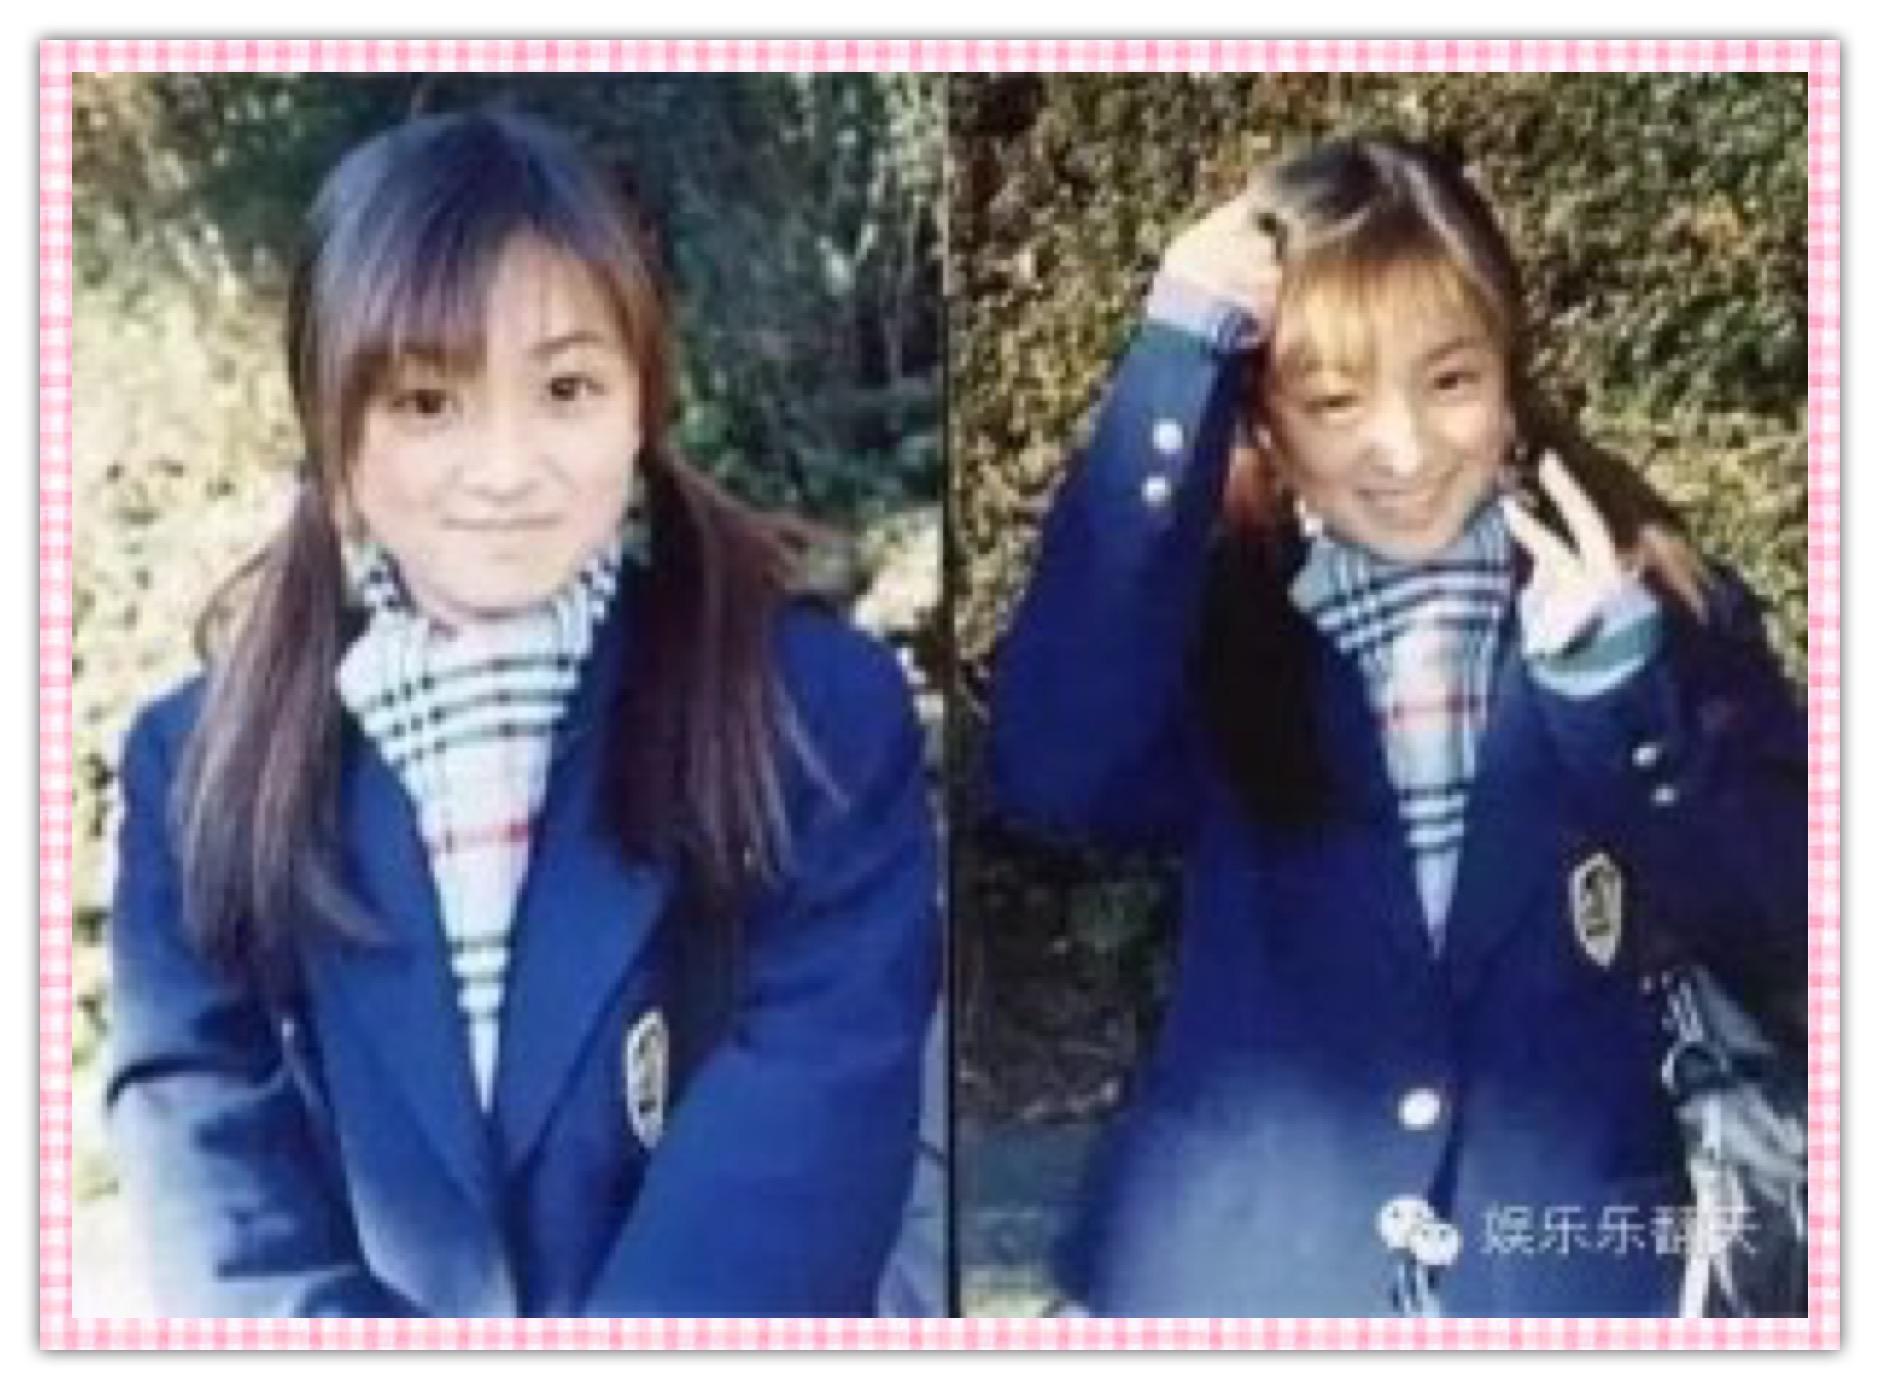 そして最新の画像として話題となっているのが現在中学生の心美ちゃんと思われる1枚の画像可愛らしく木村拓哉さんの面影がありますね!